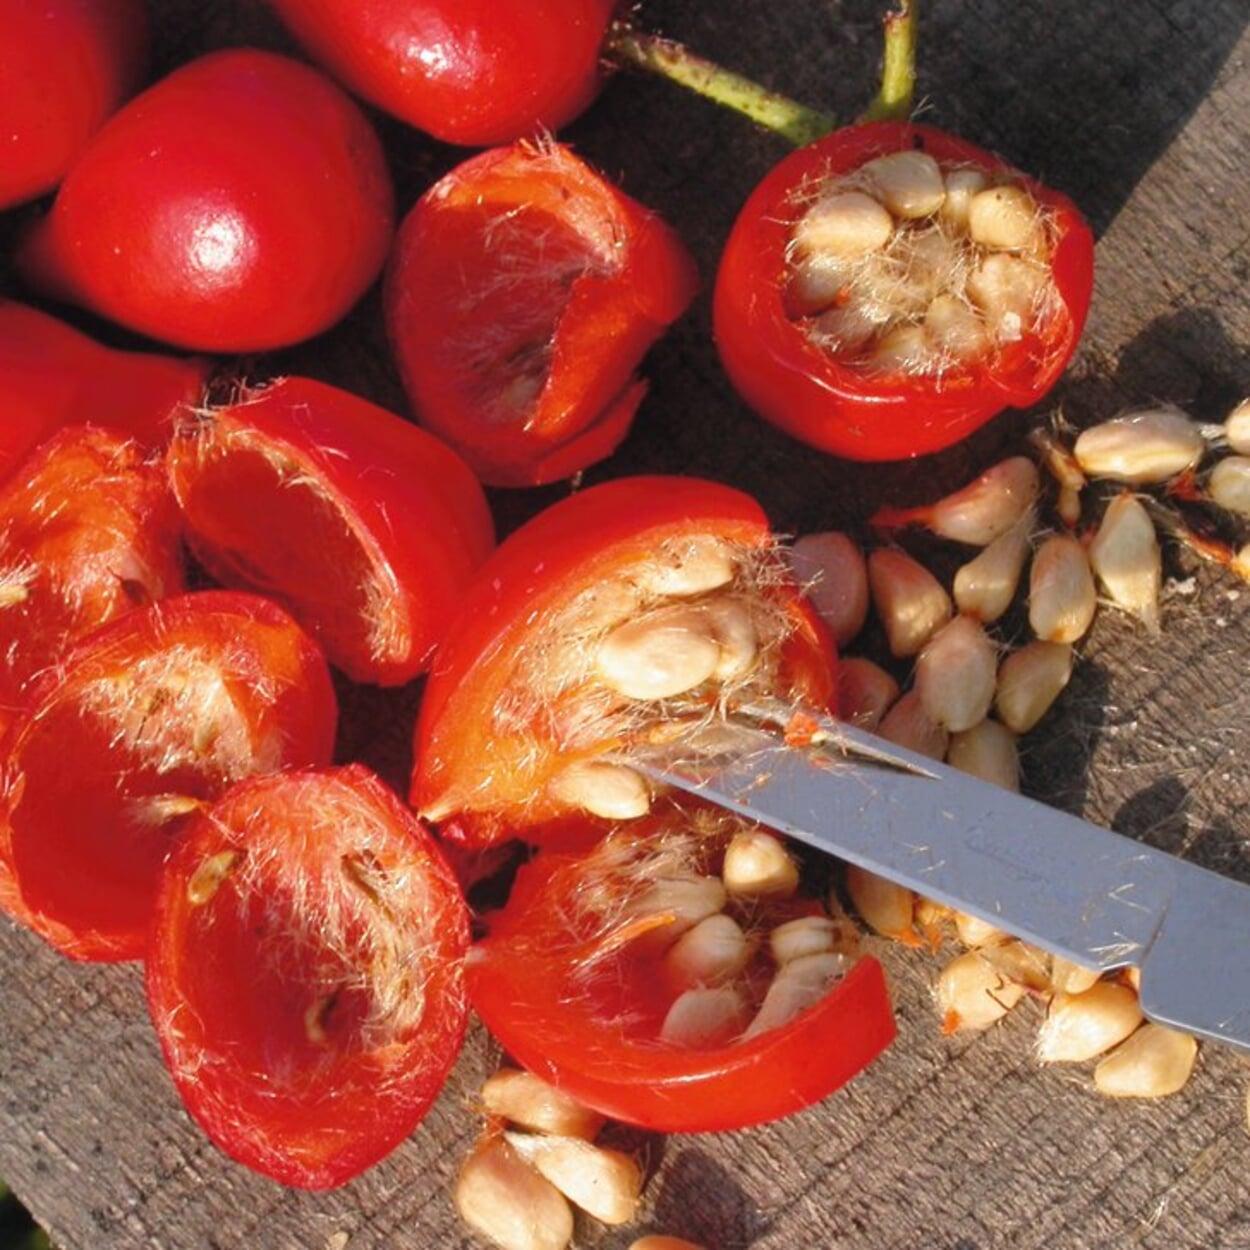 Dann längs halbieren und die Samen entfernen